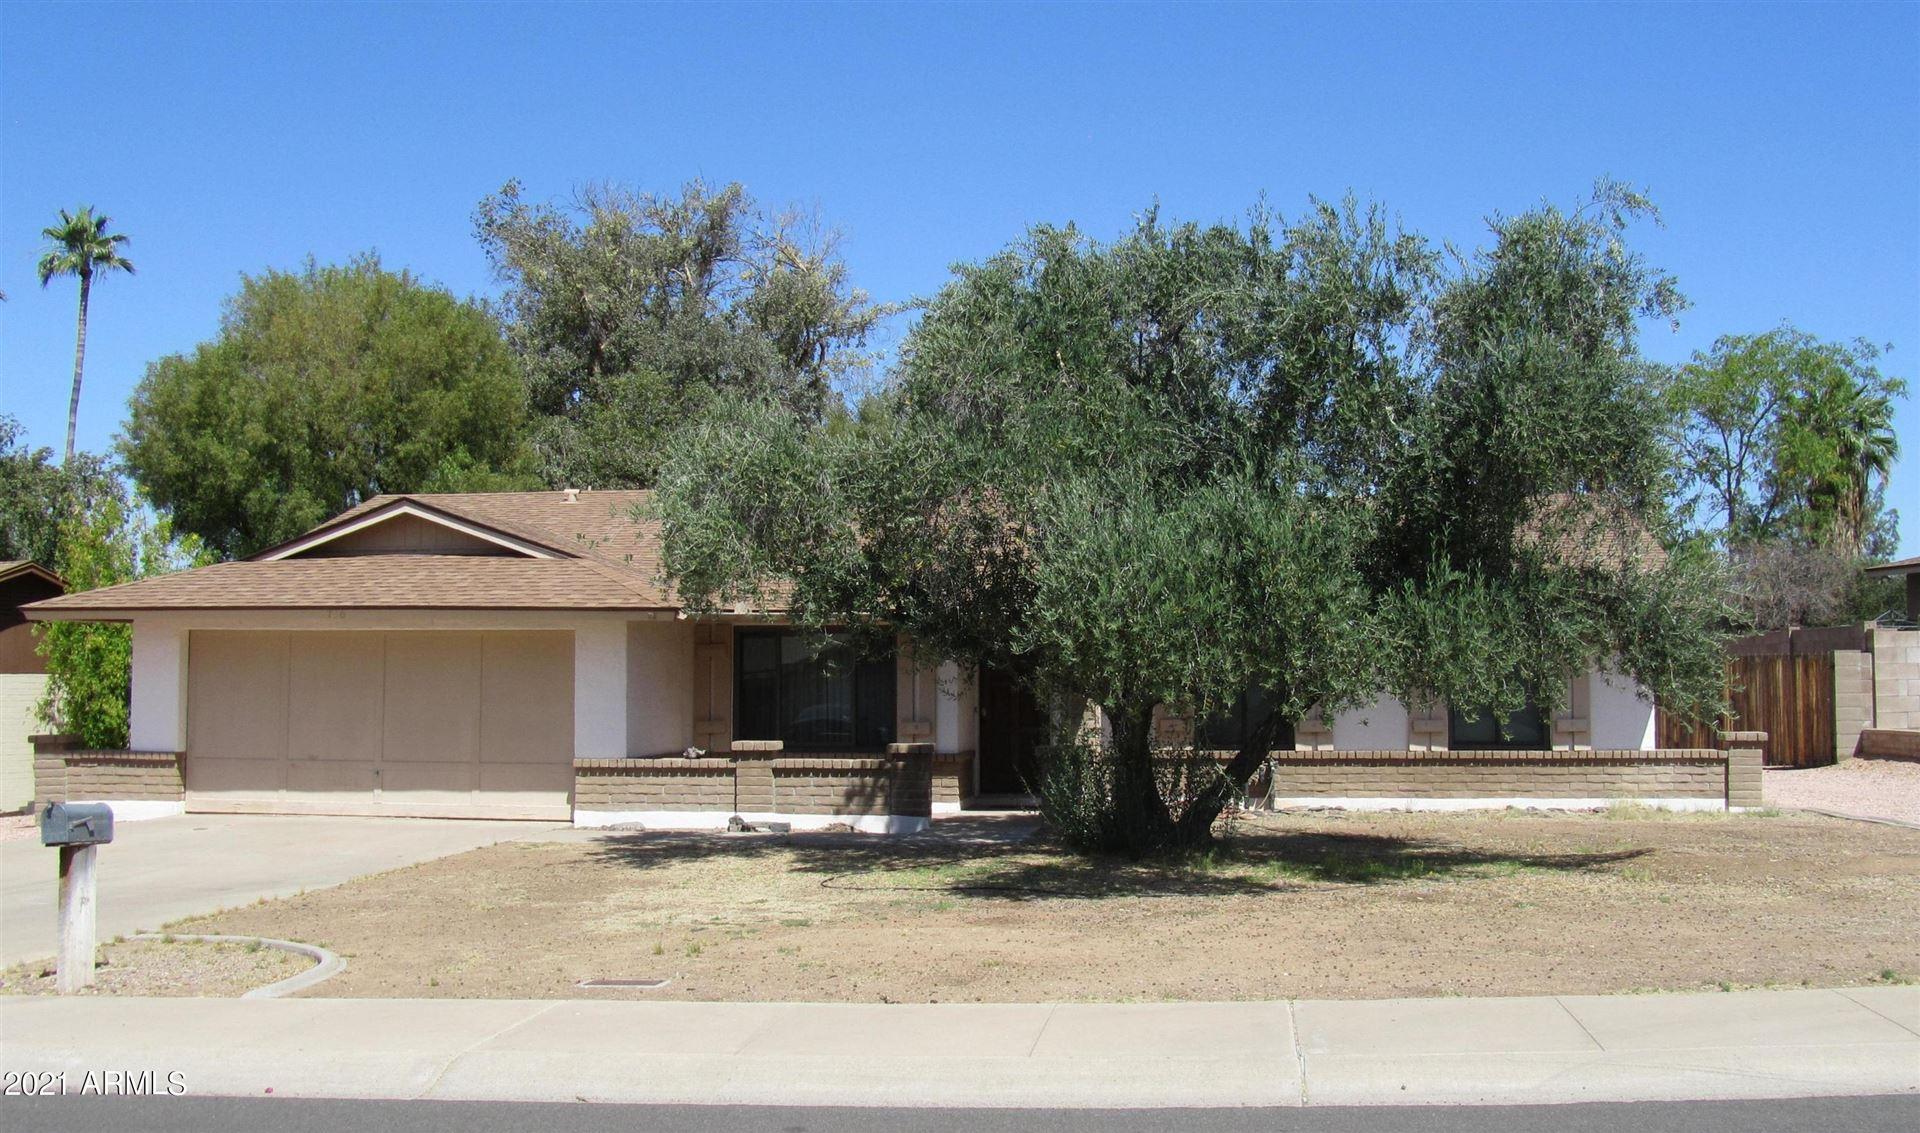 736 E PORT AU PRINCE Lane, Phoenix, AZ 85022 - MLS#: 6237311